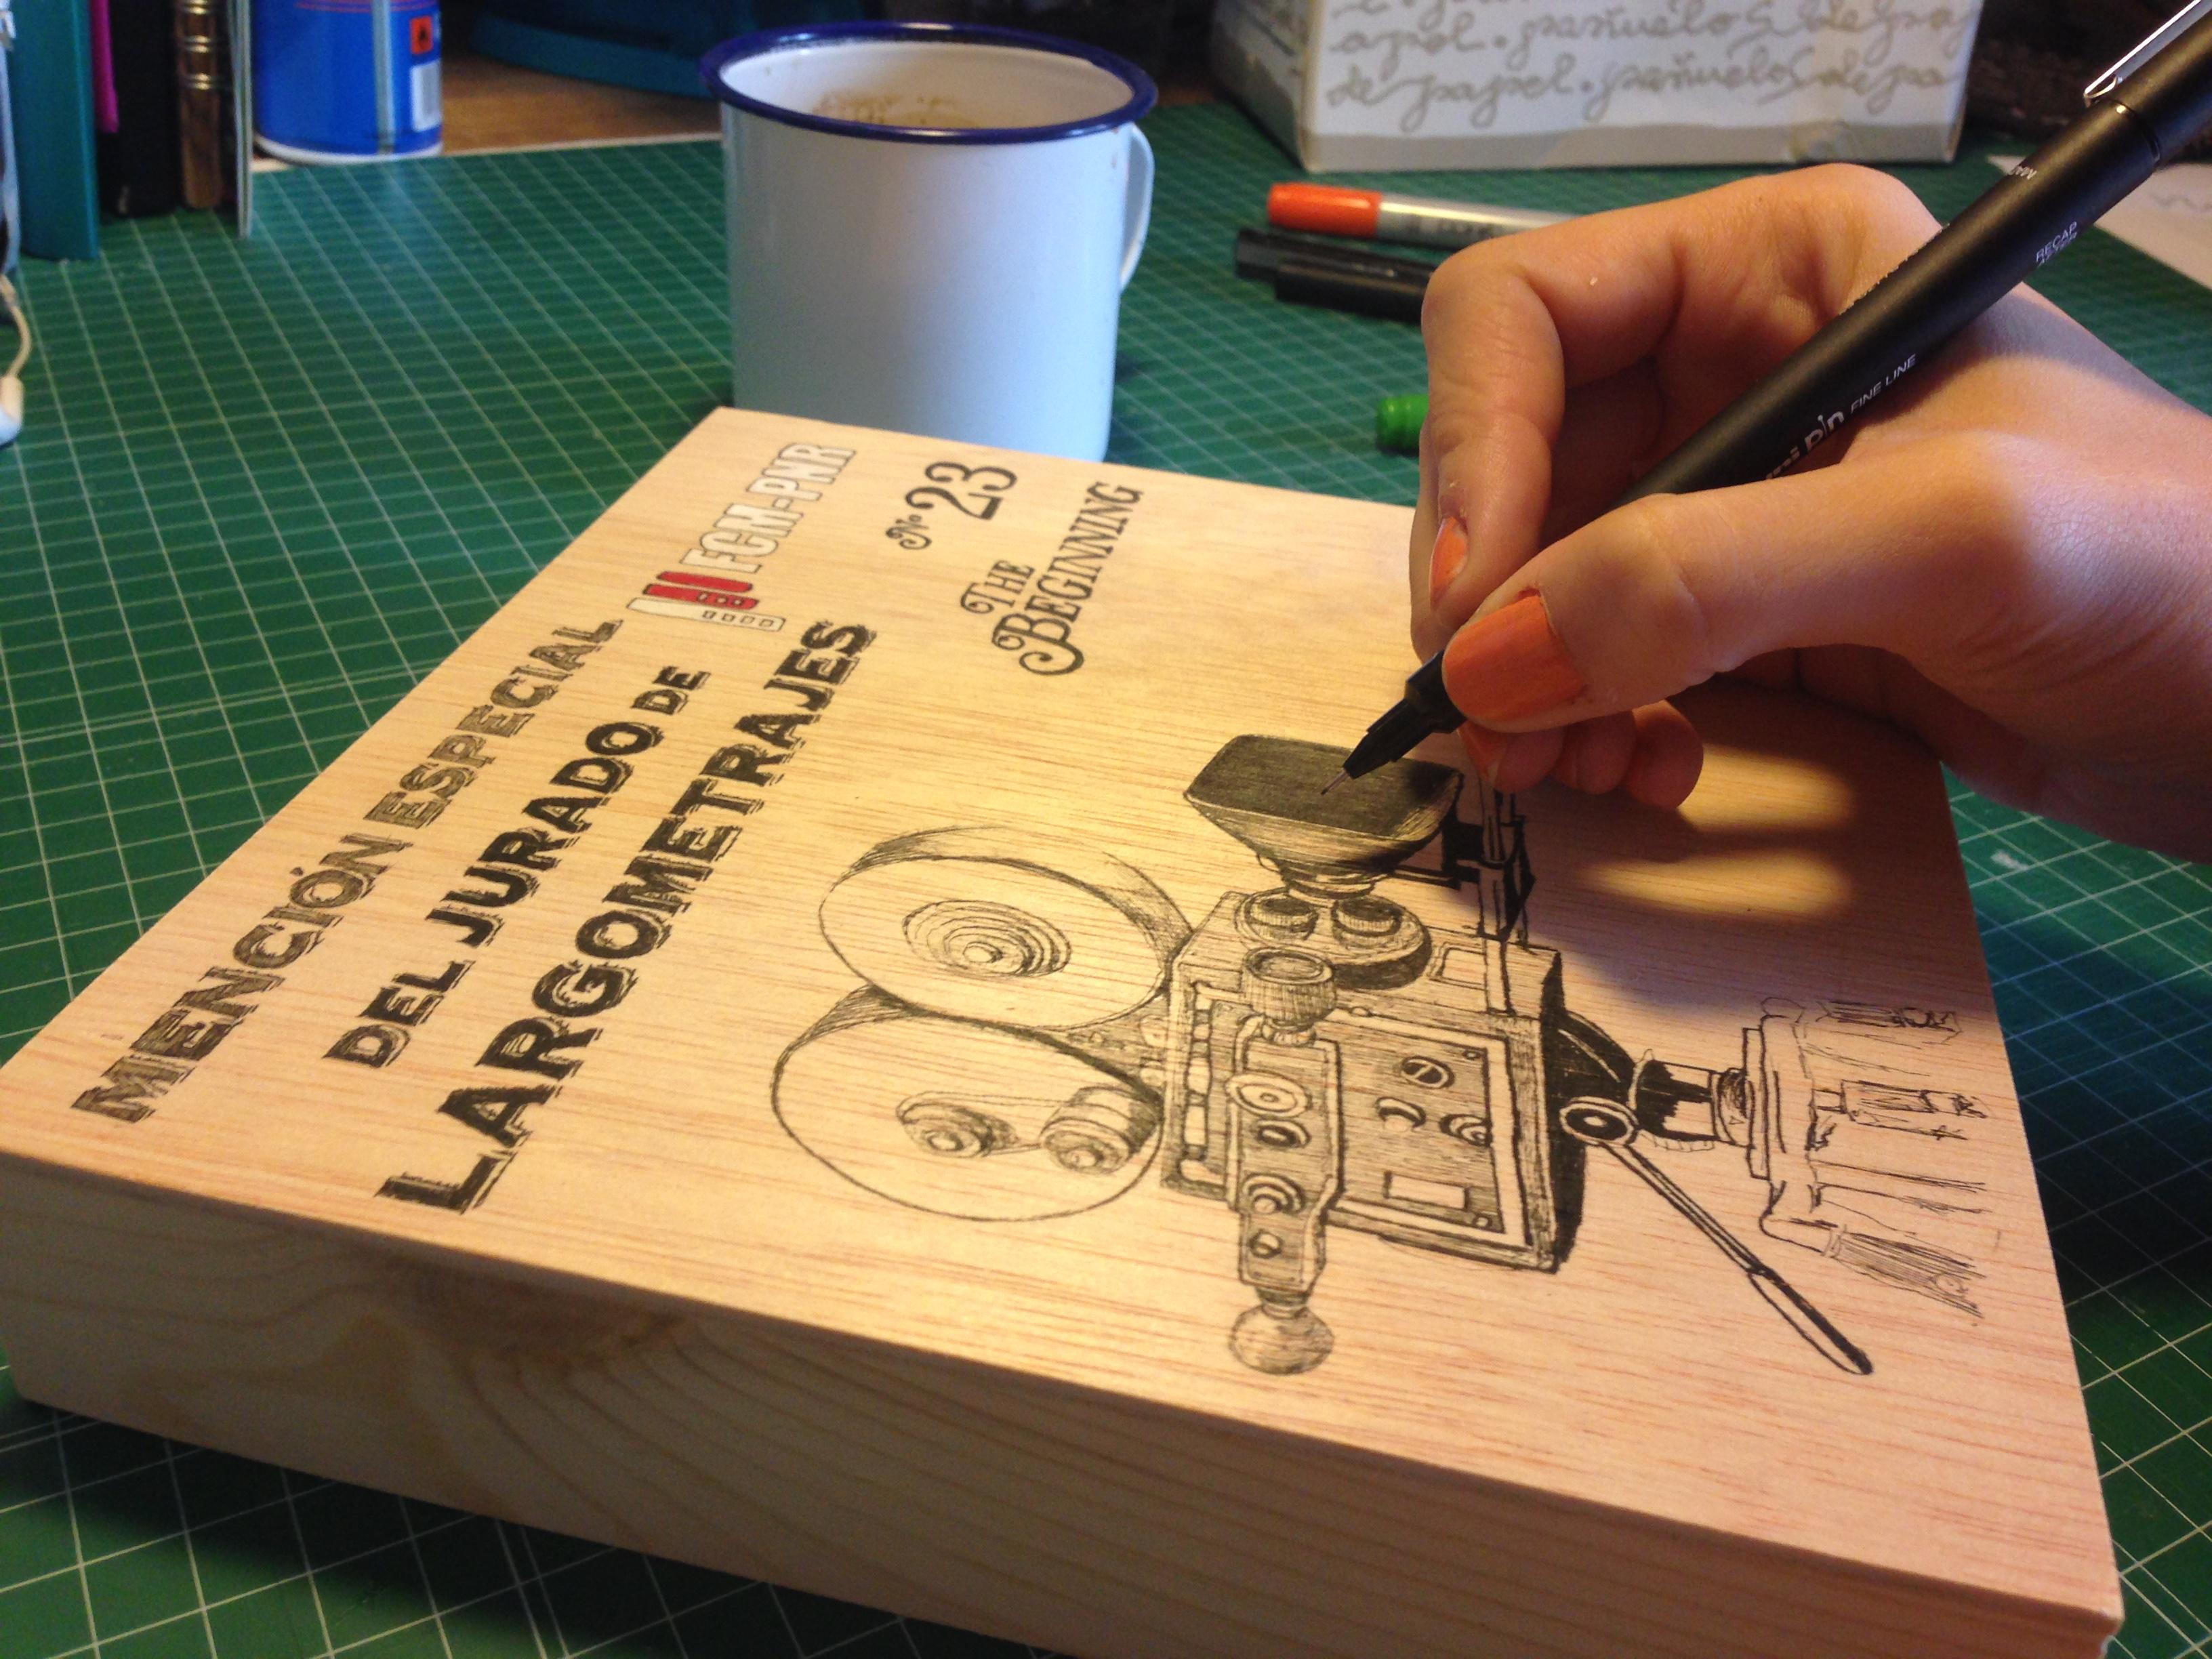 Ilustraciones a mano en madera